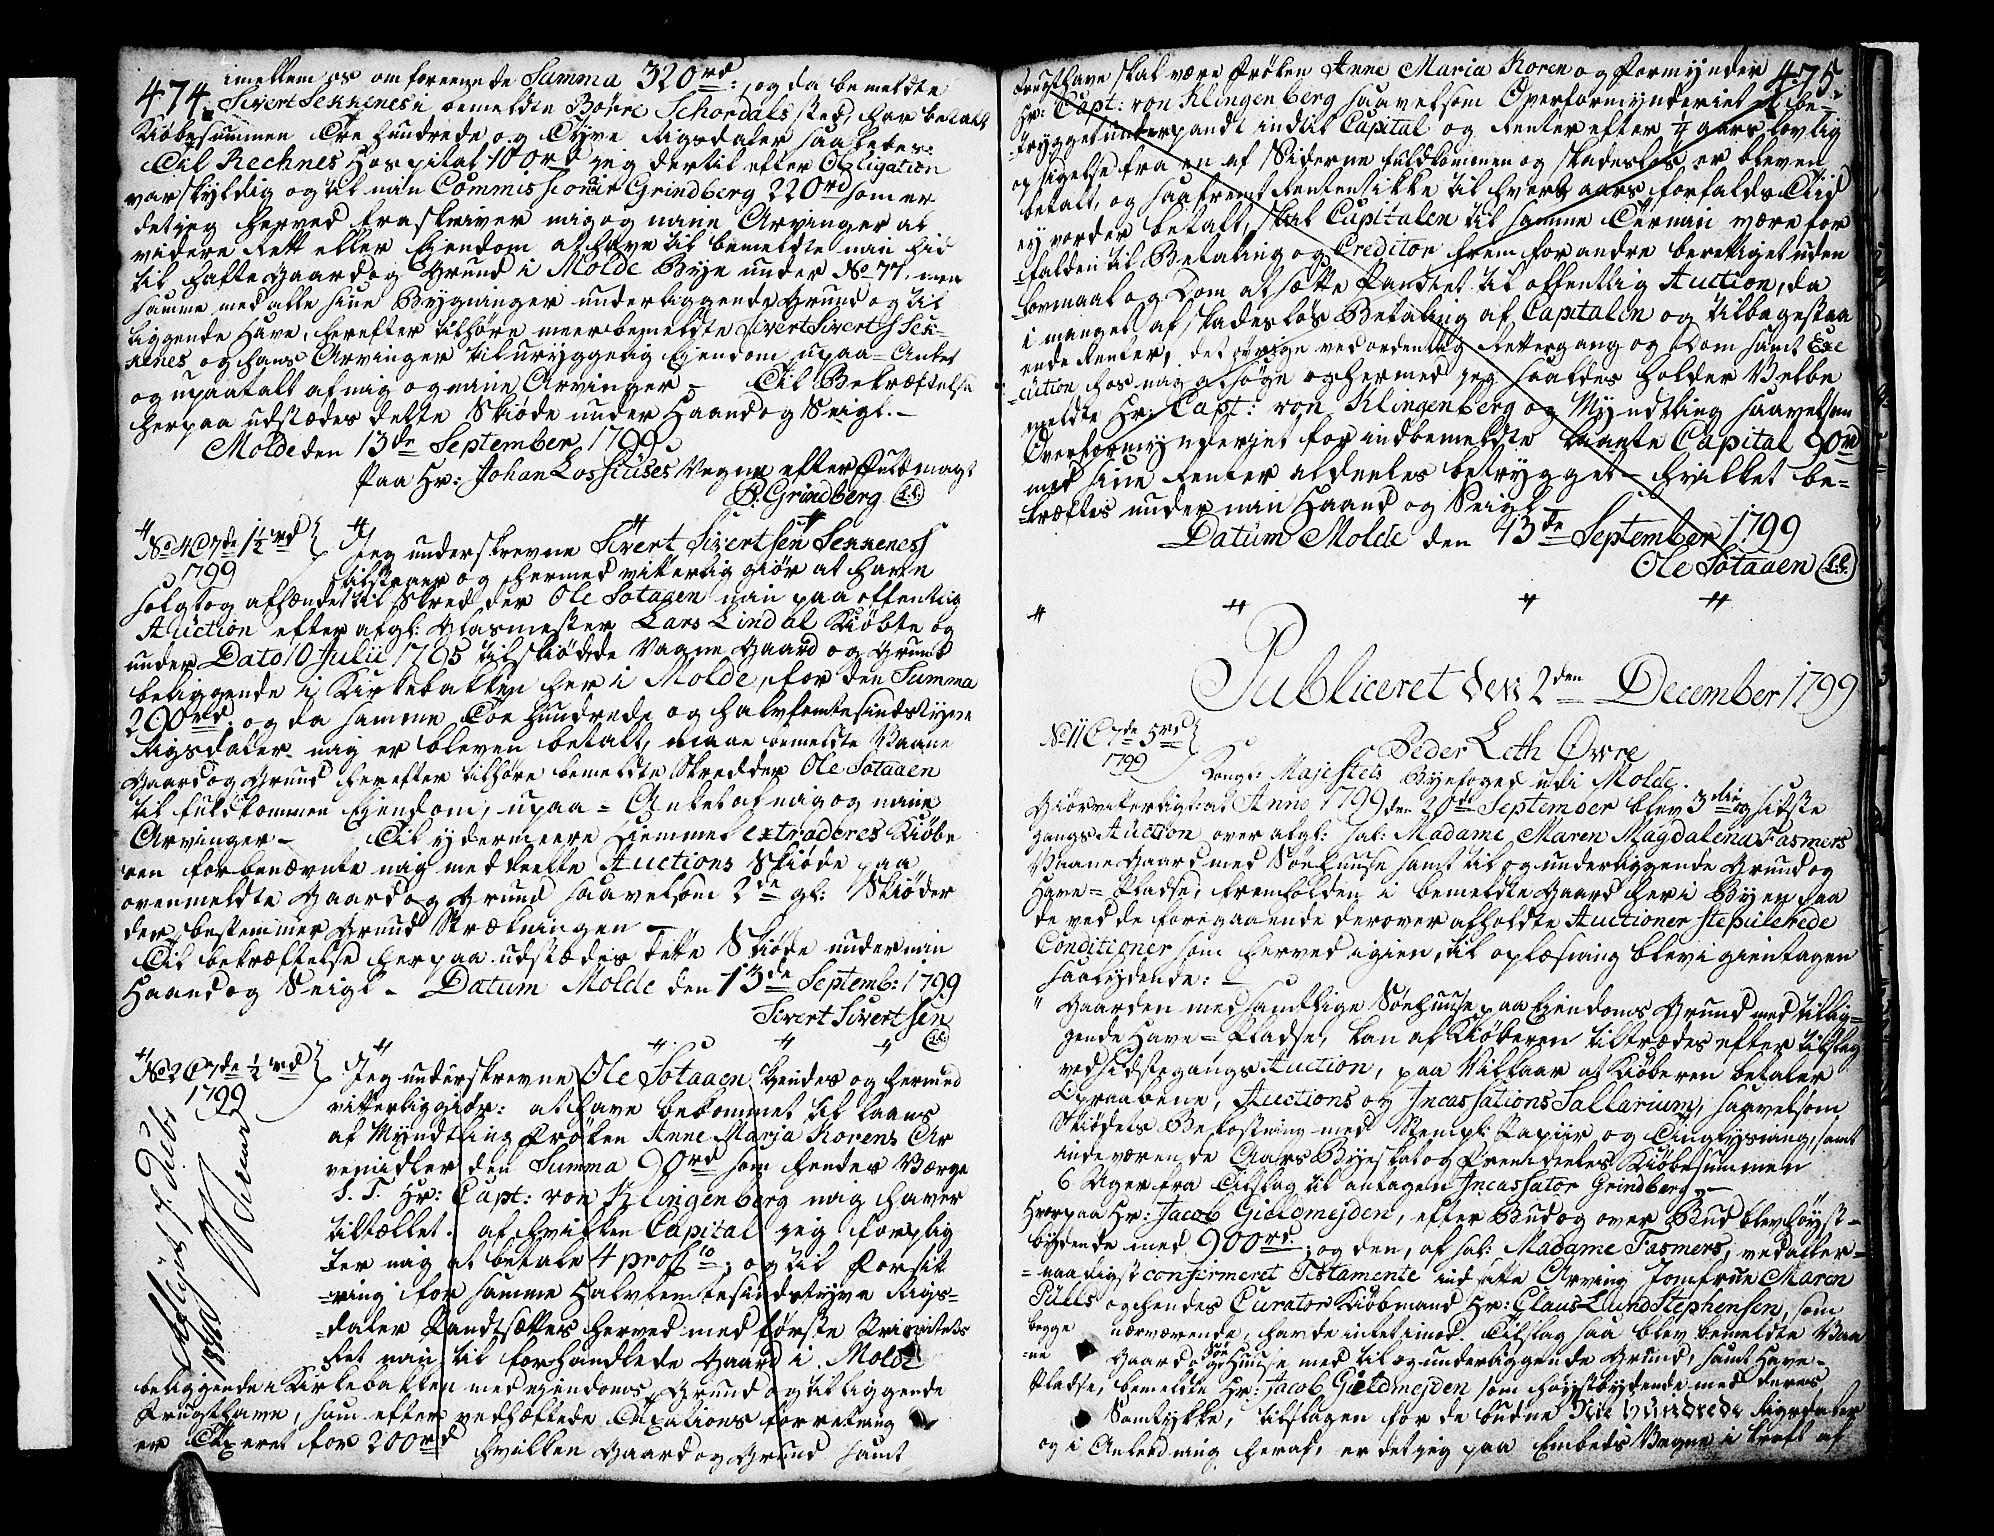 SAT, Molde byfogd, 2/2C/L0001: Pantebok nr. 1, 1748-1823, s. 474-475